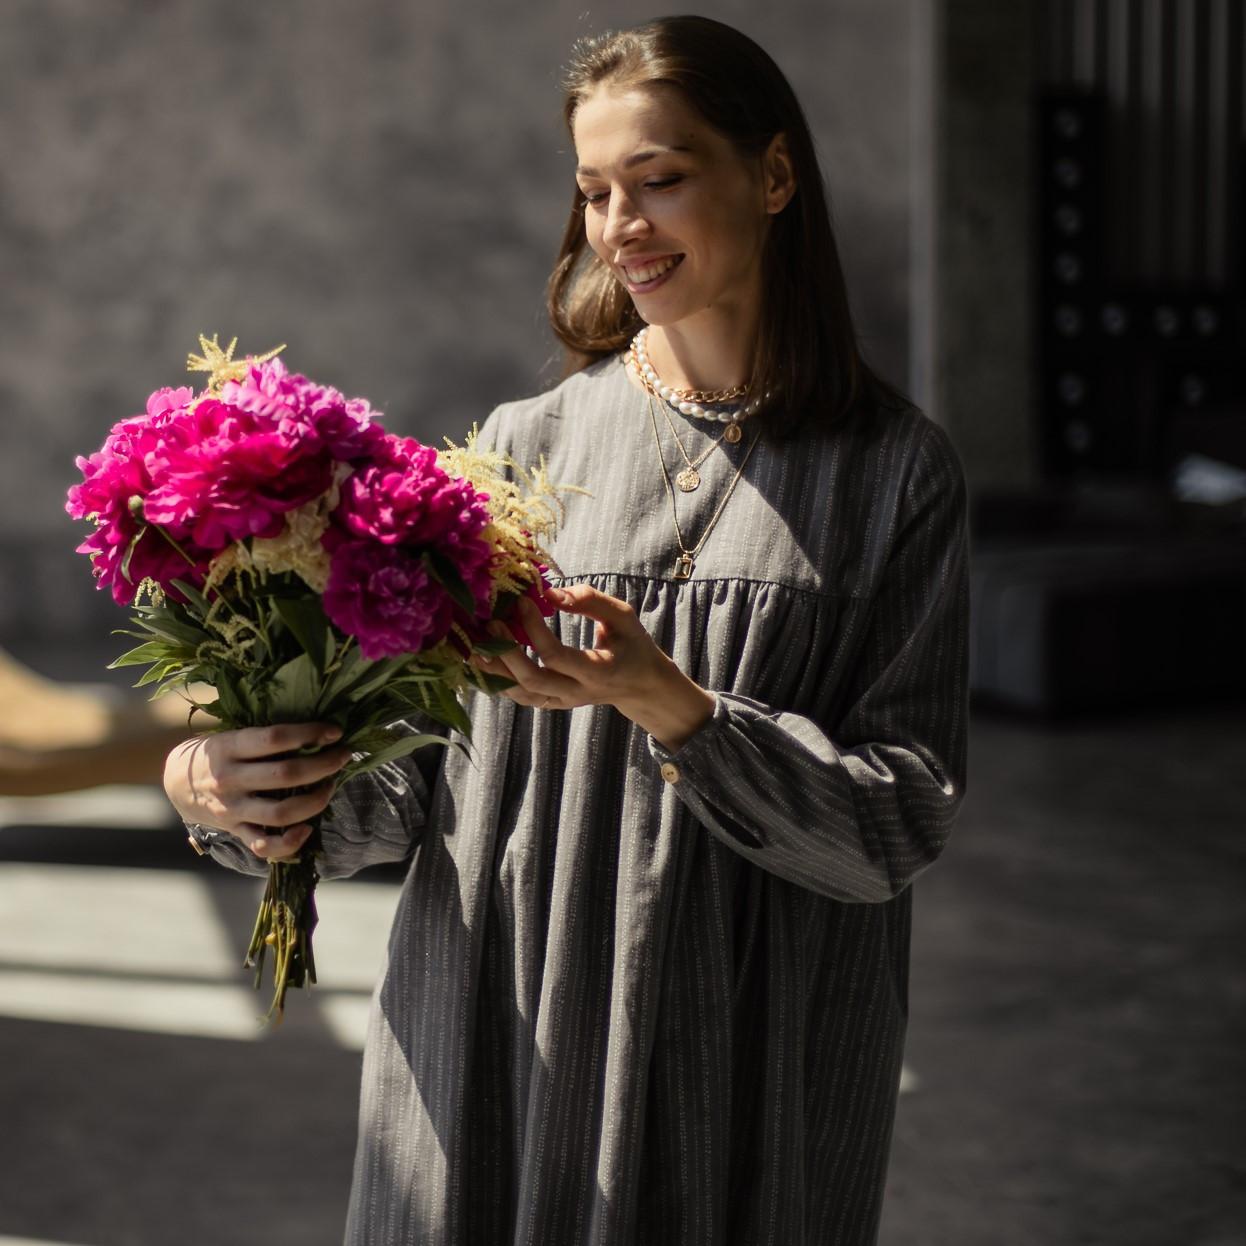 Льняное платье для женщин. - фото 3